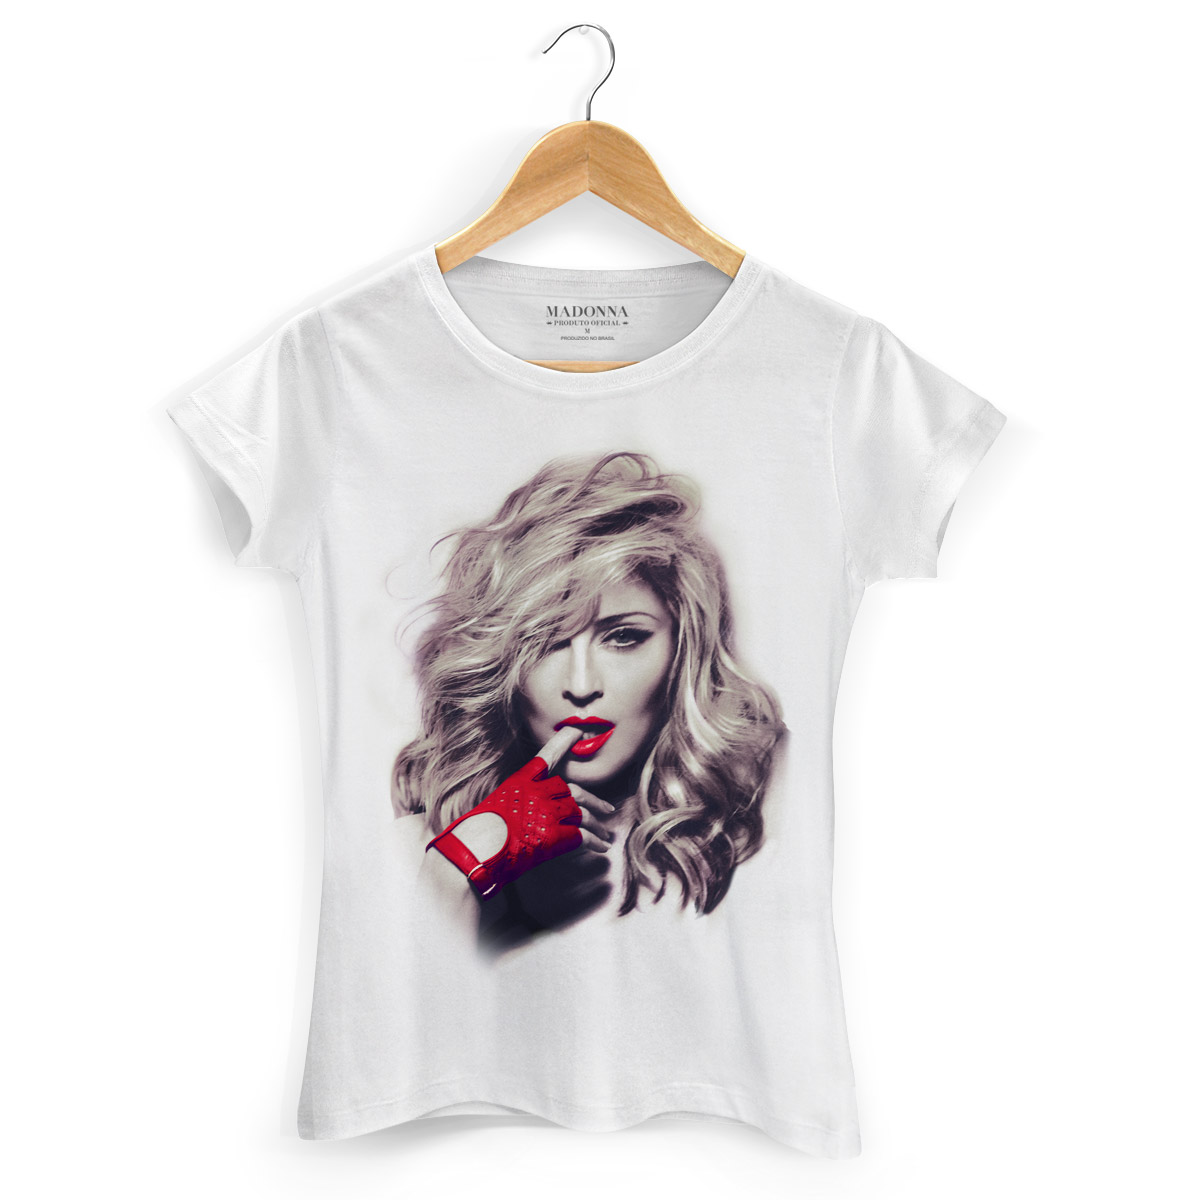 Camiseta Feminina Madonna Girl Gone Wild Photo